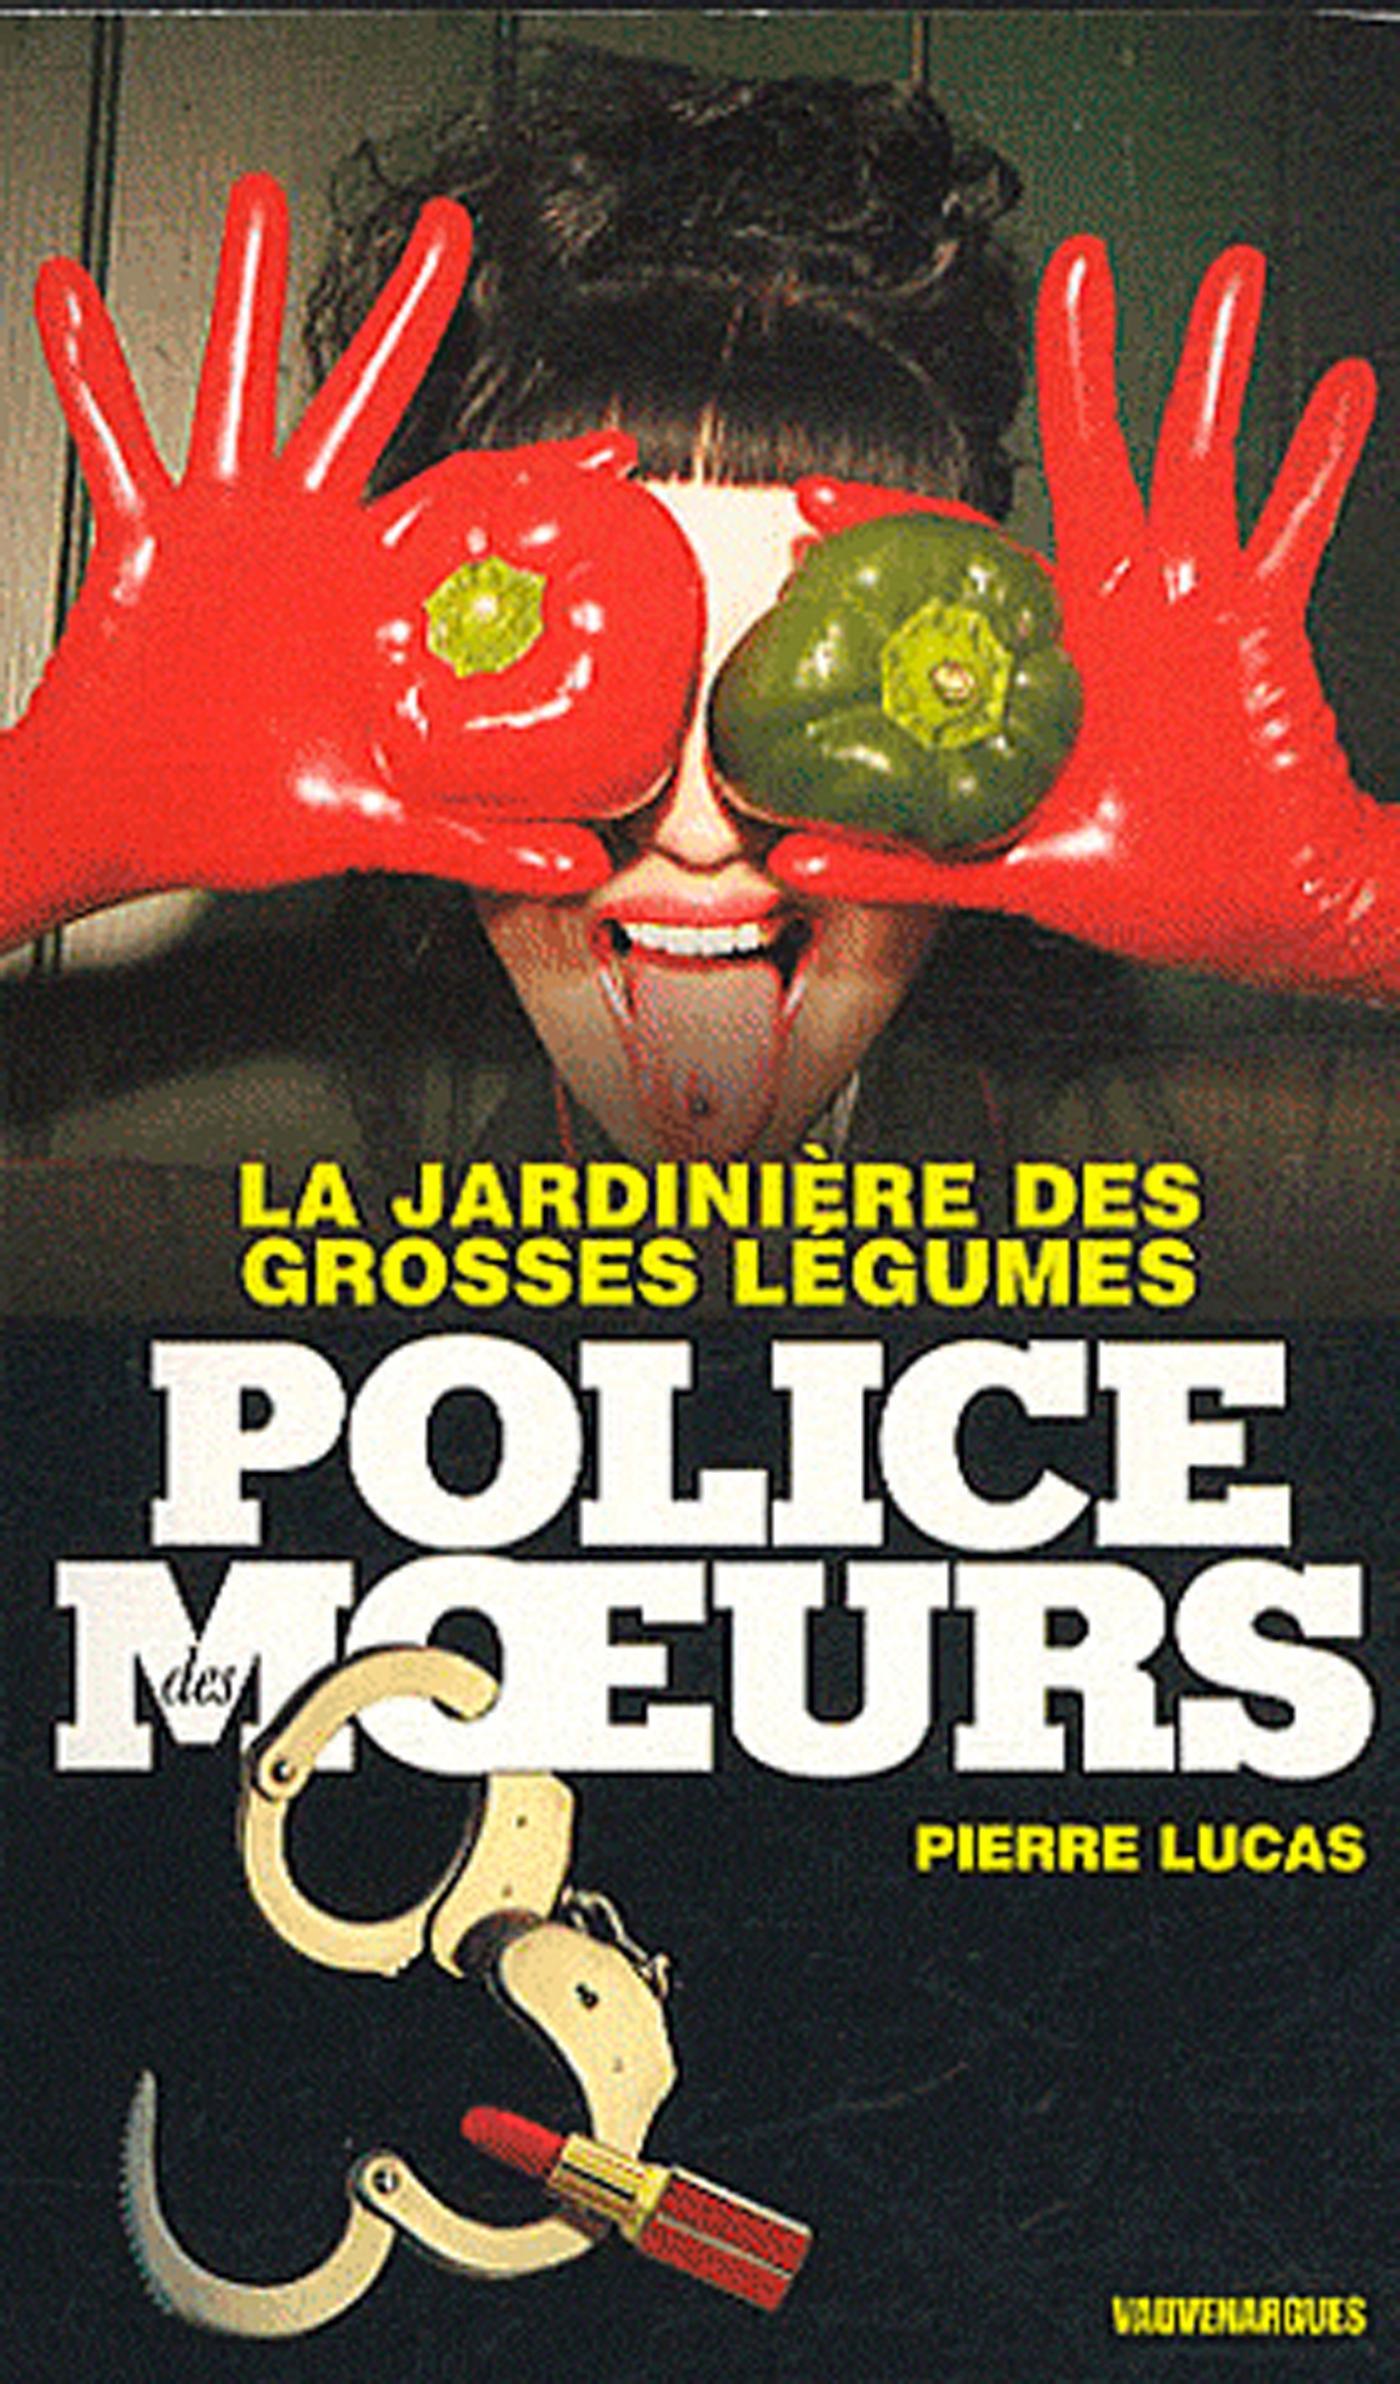 Police des moeurs n°217 La Jardinière des grosses légumes